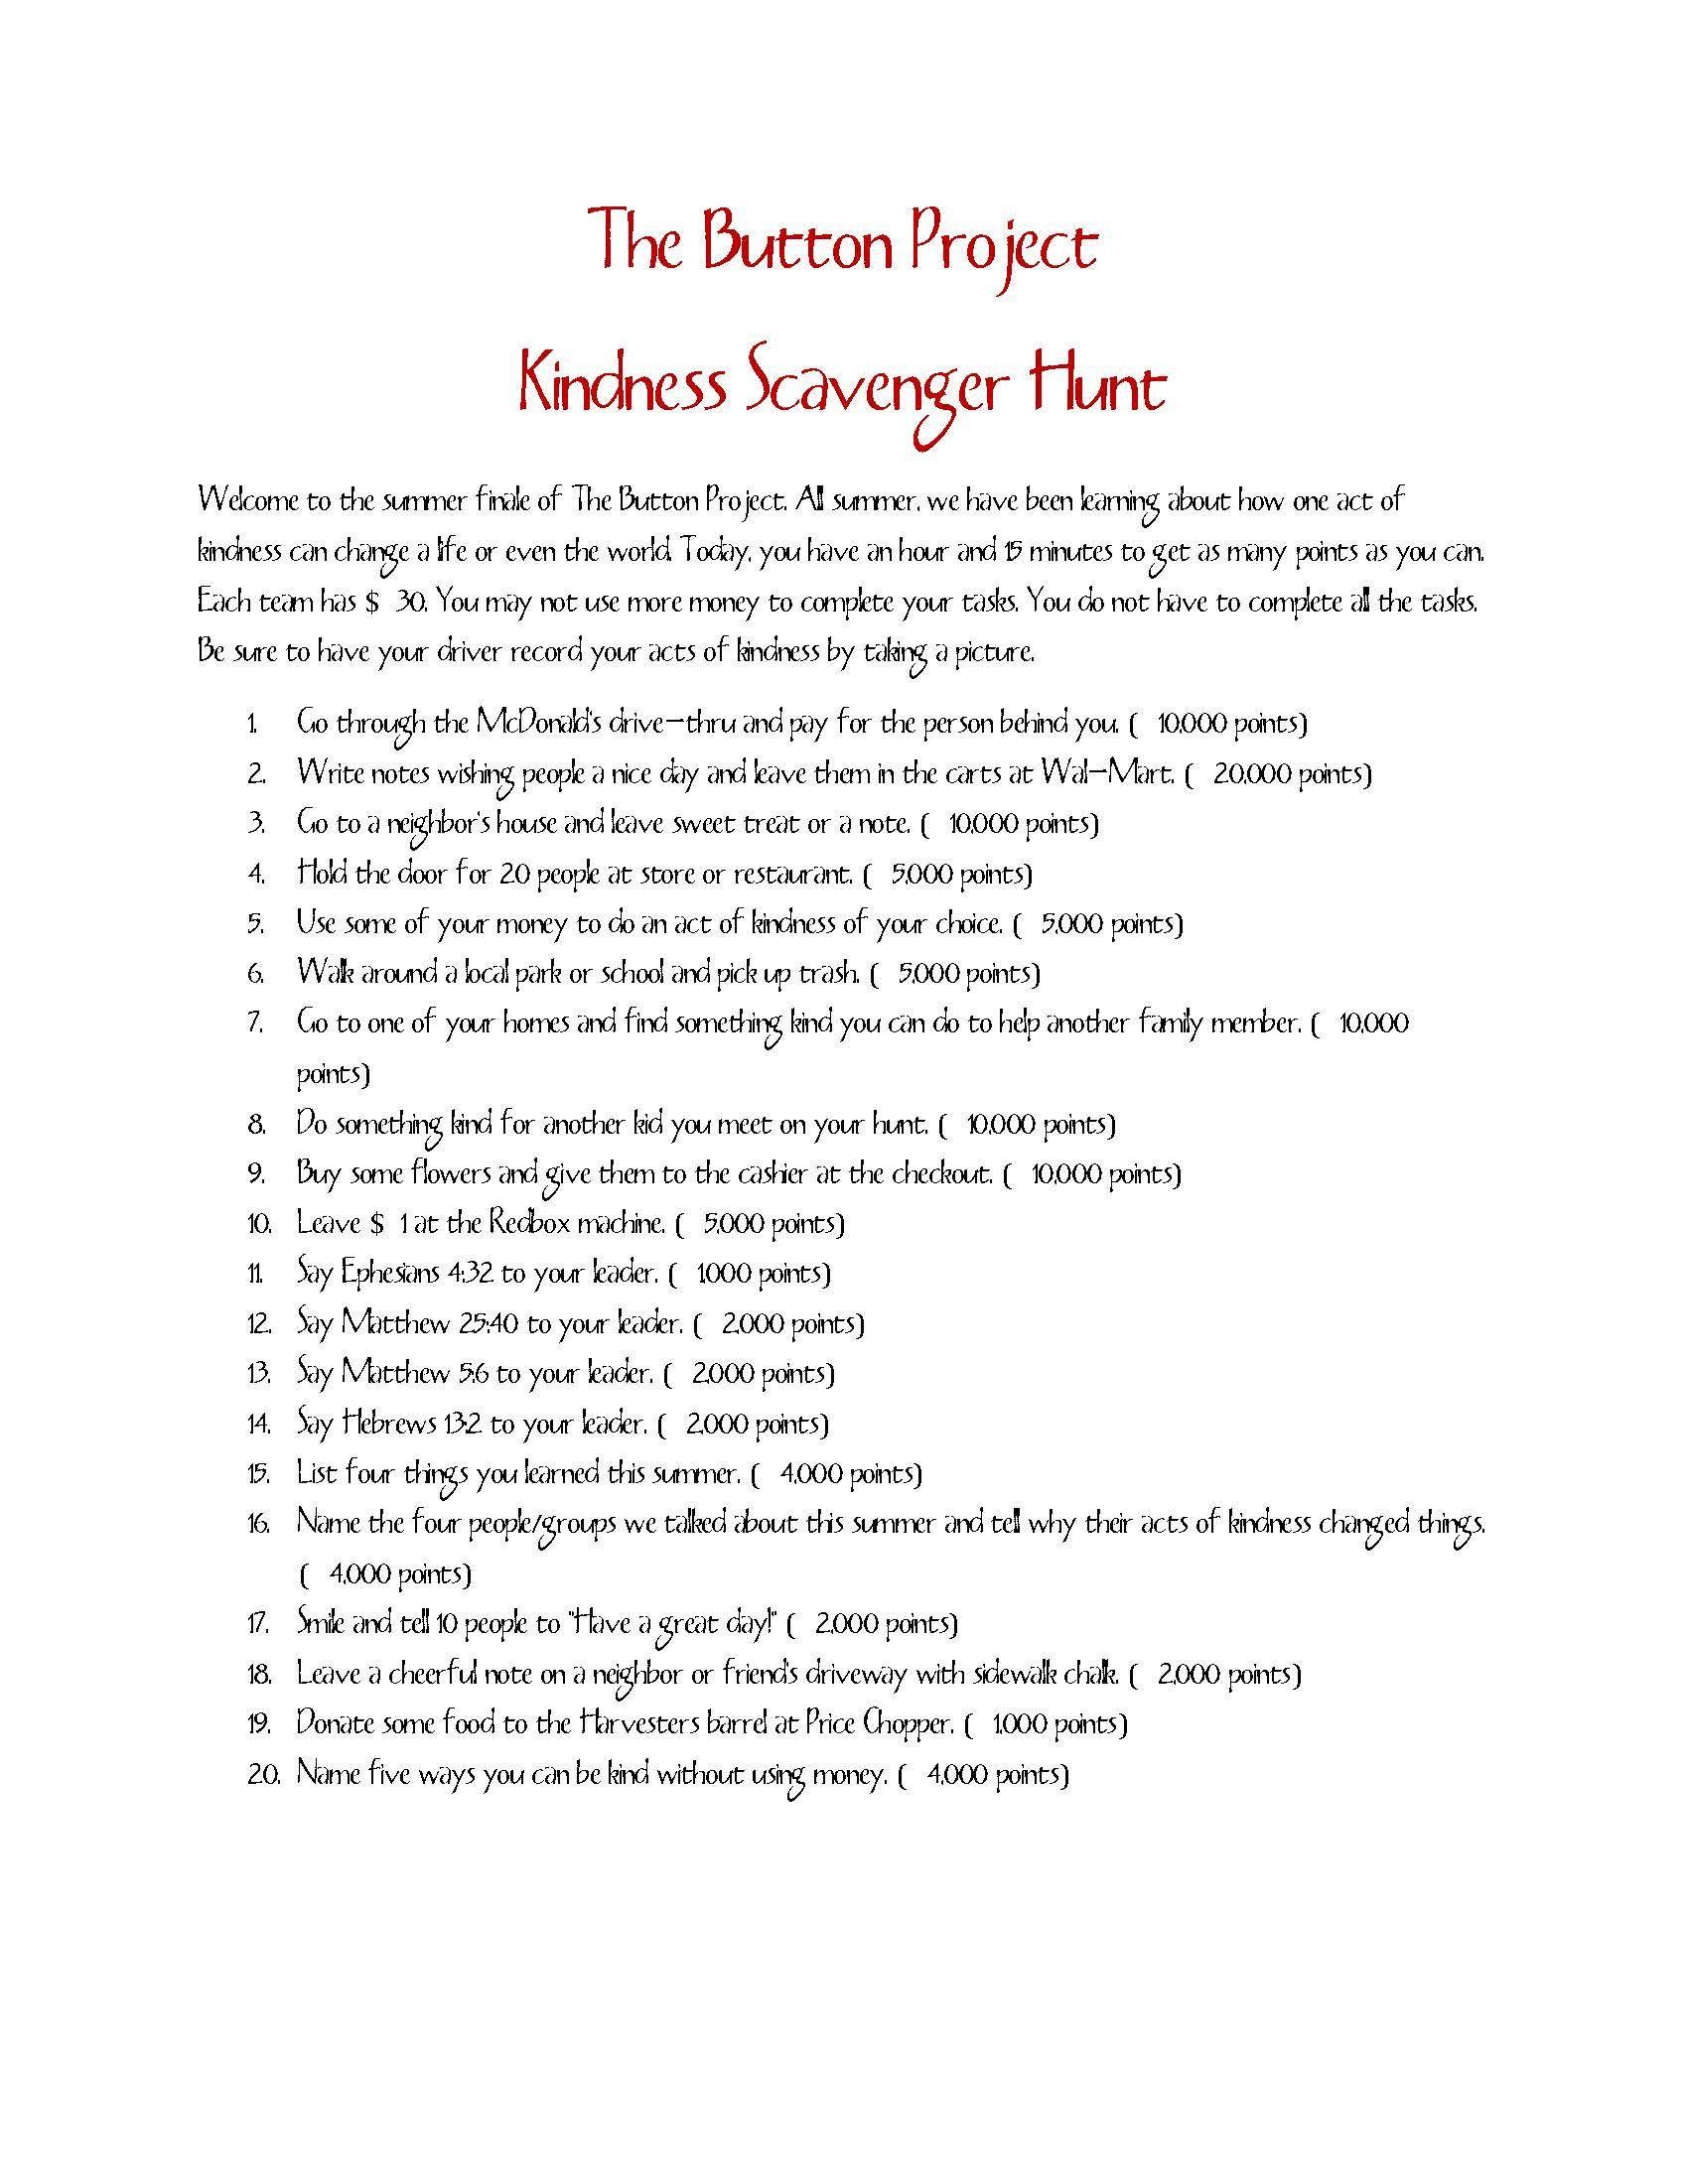 Bible Scavenger Hunt Worksheet Lessons From A Kindness Scavenger Hunt